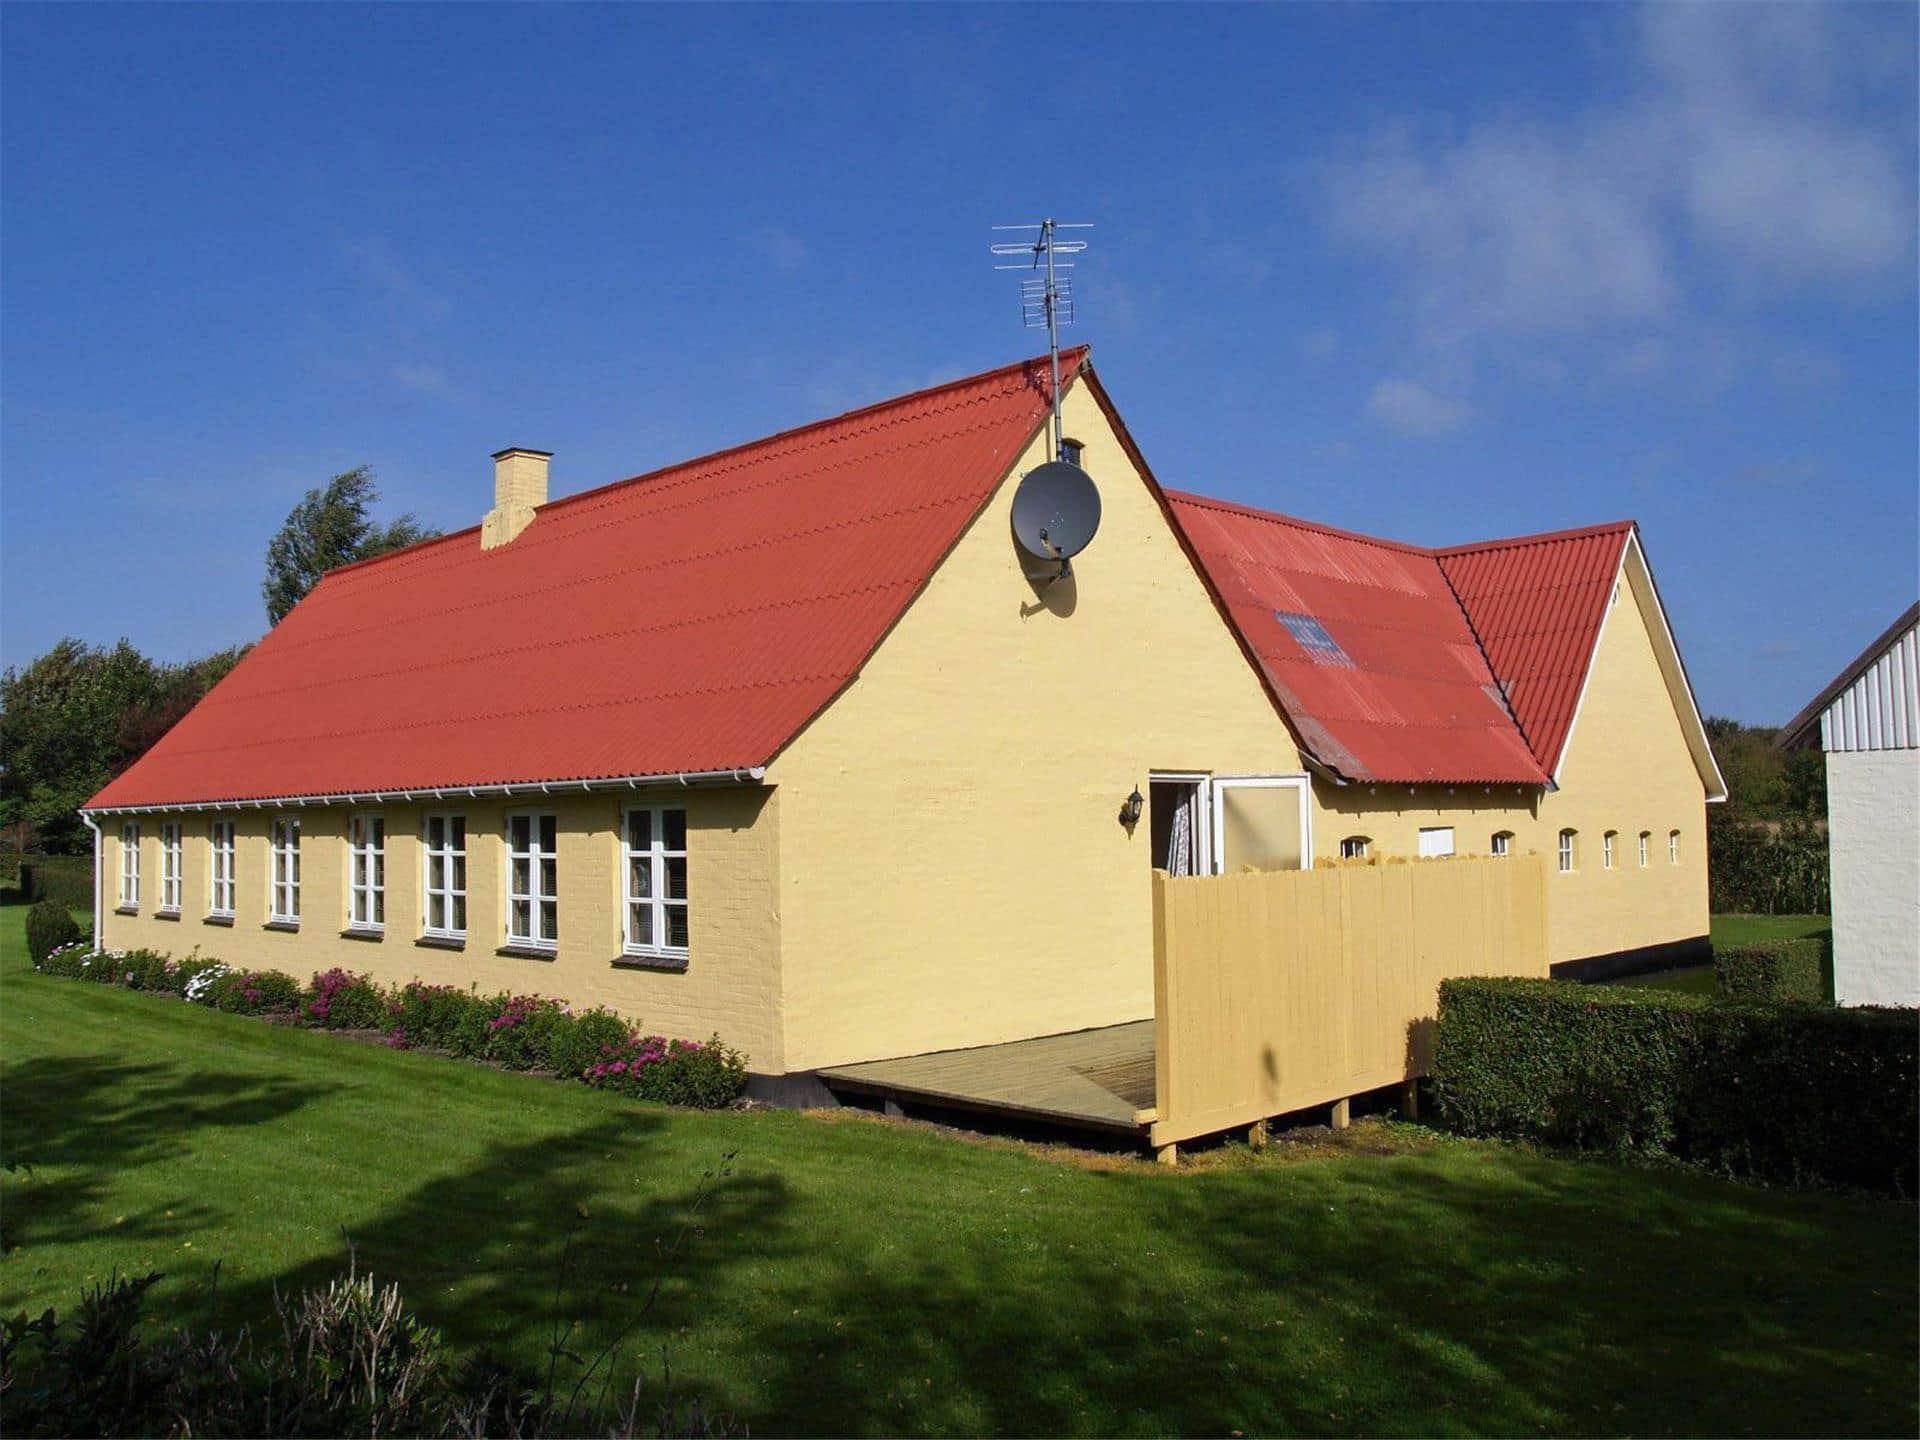 Afbeelding 1-10 Vakantiehuis 4672, Bygaden 6, DK - 3720 Aakirkeby